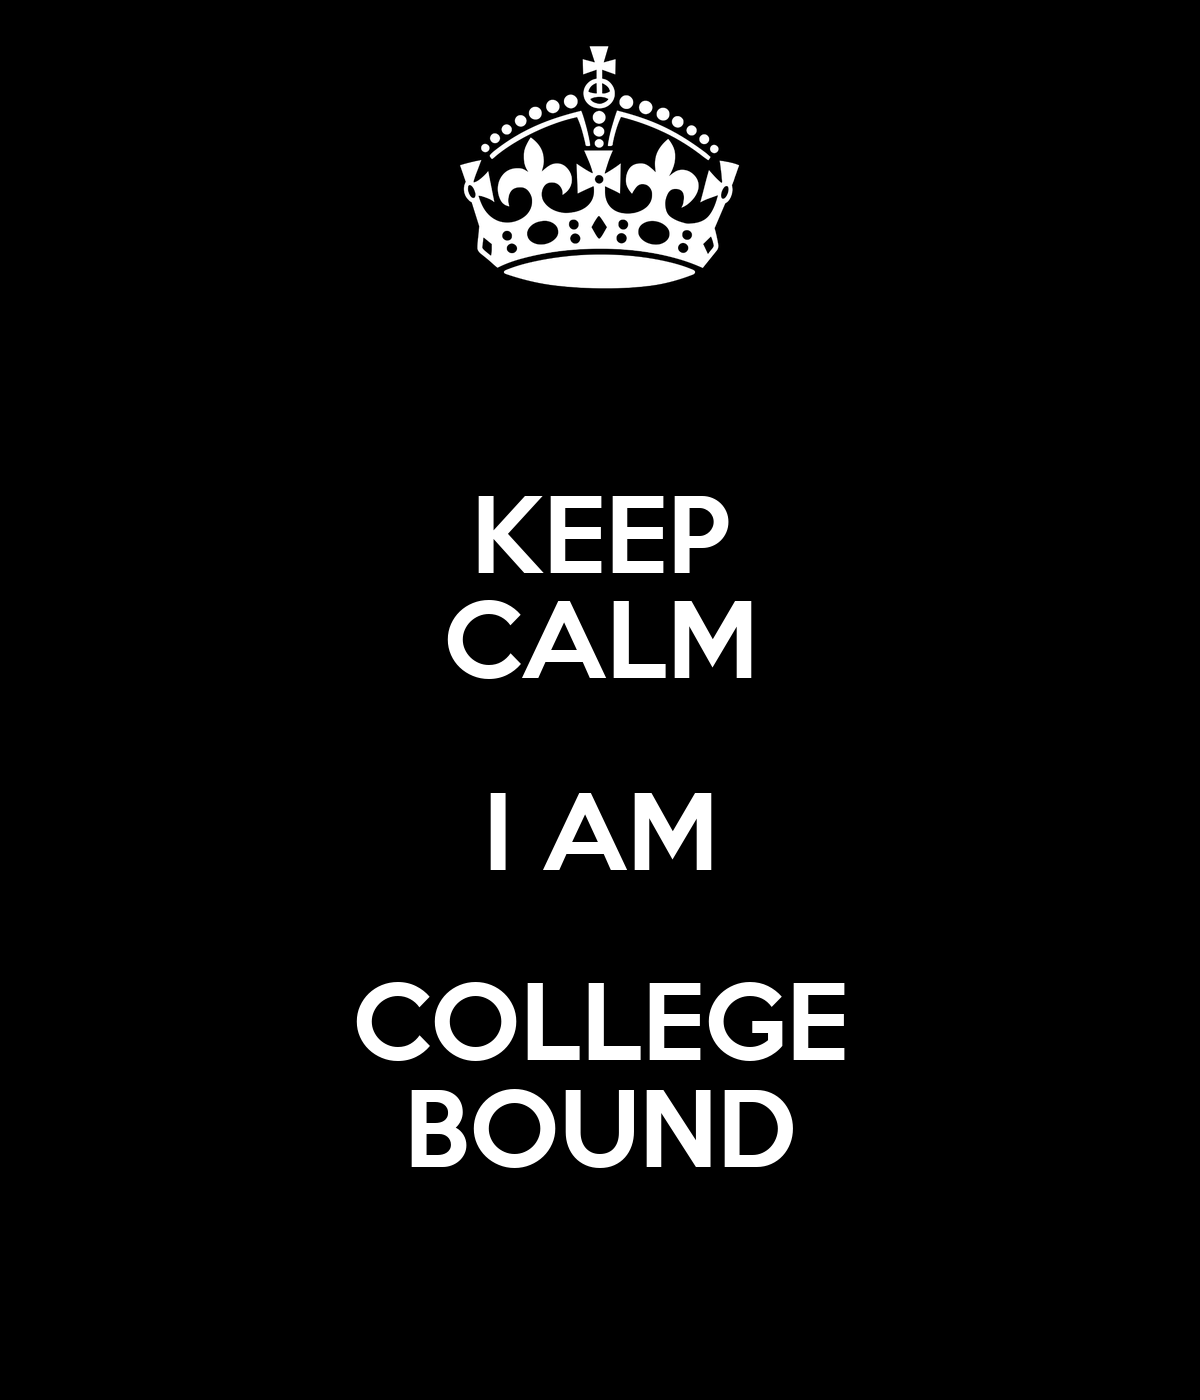 KEEP CALM I AM COLLEGE BOUND